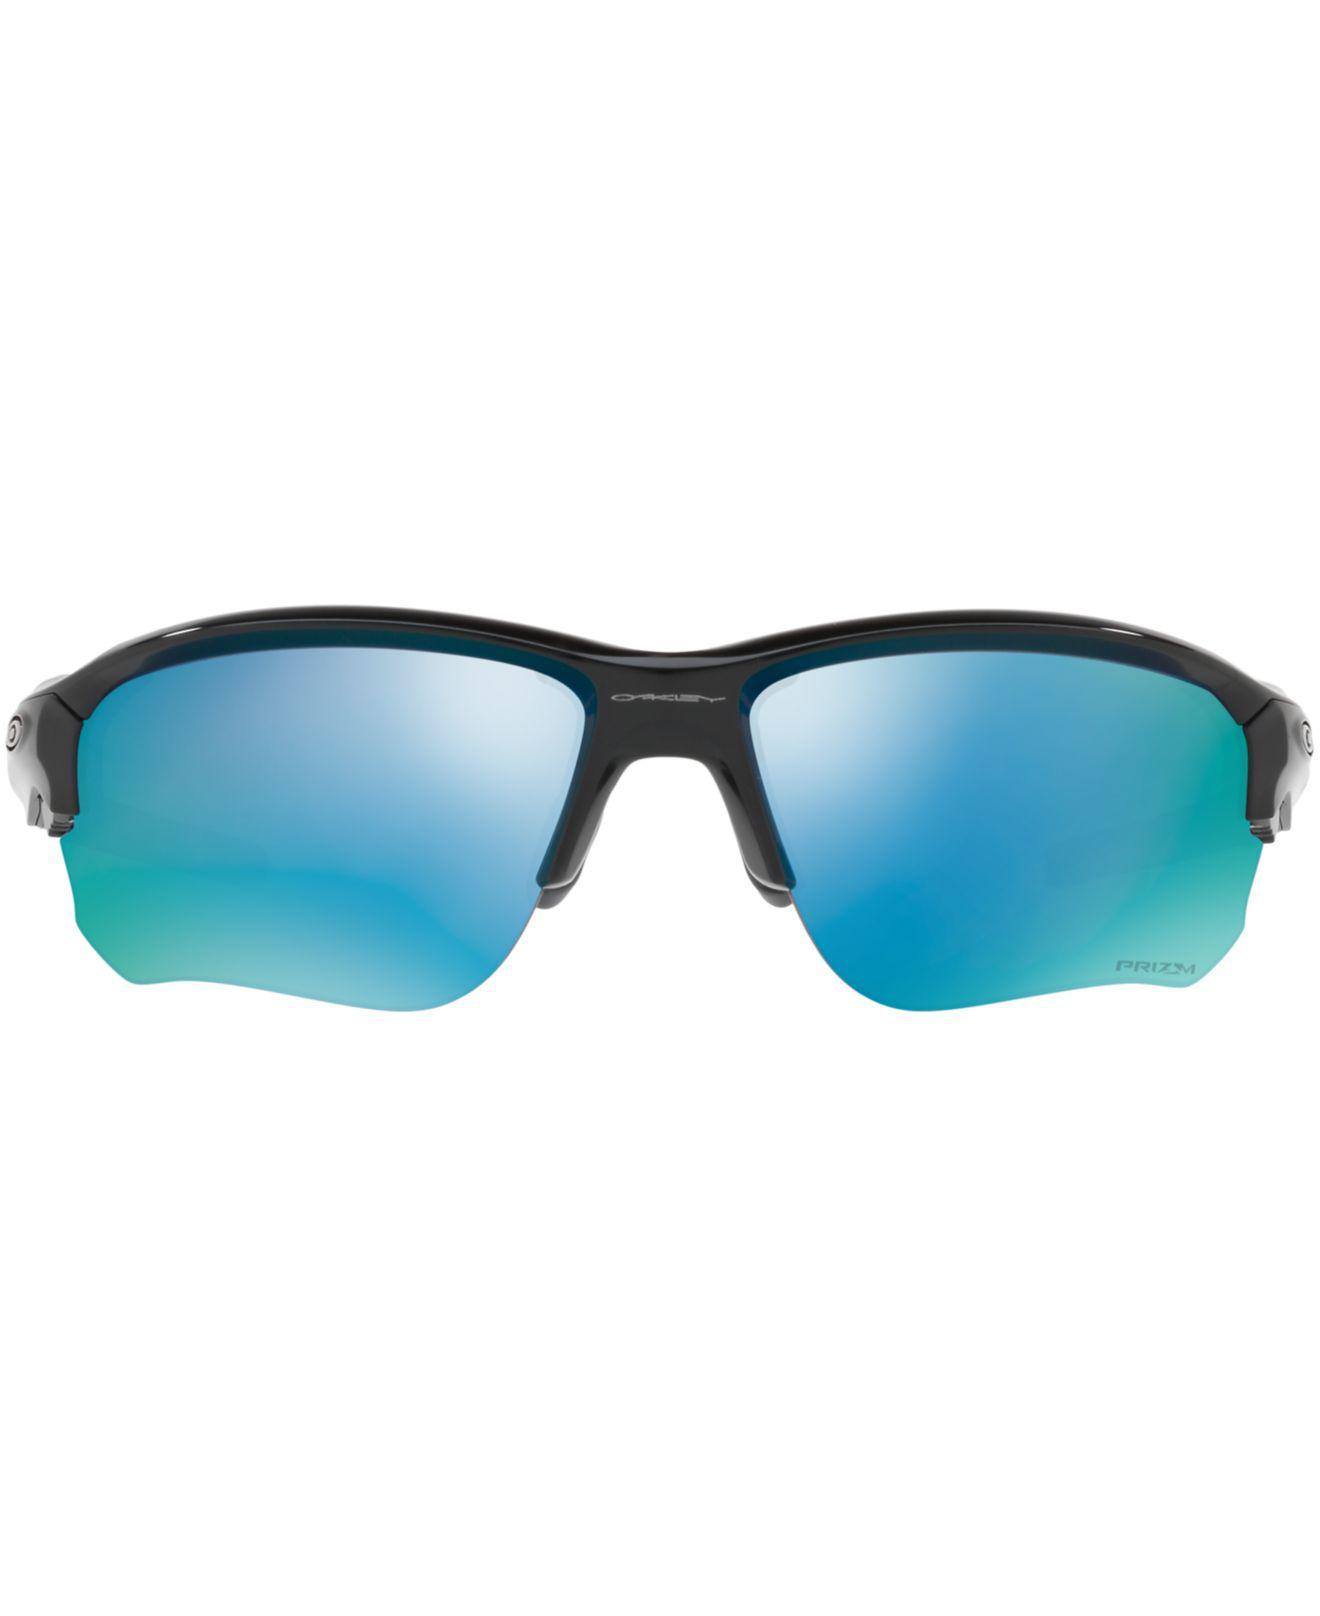 1cd46f57a4 Lyst - Oakley Flak Draft Prizm Deep Water Sunglasses